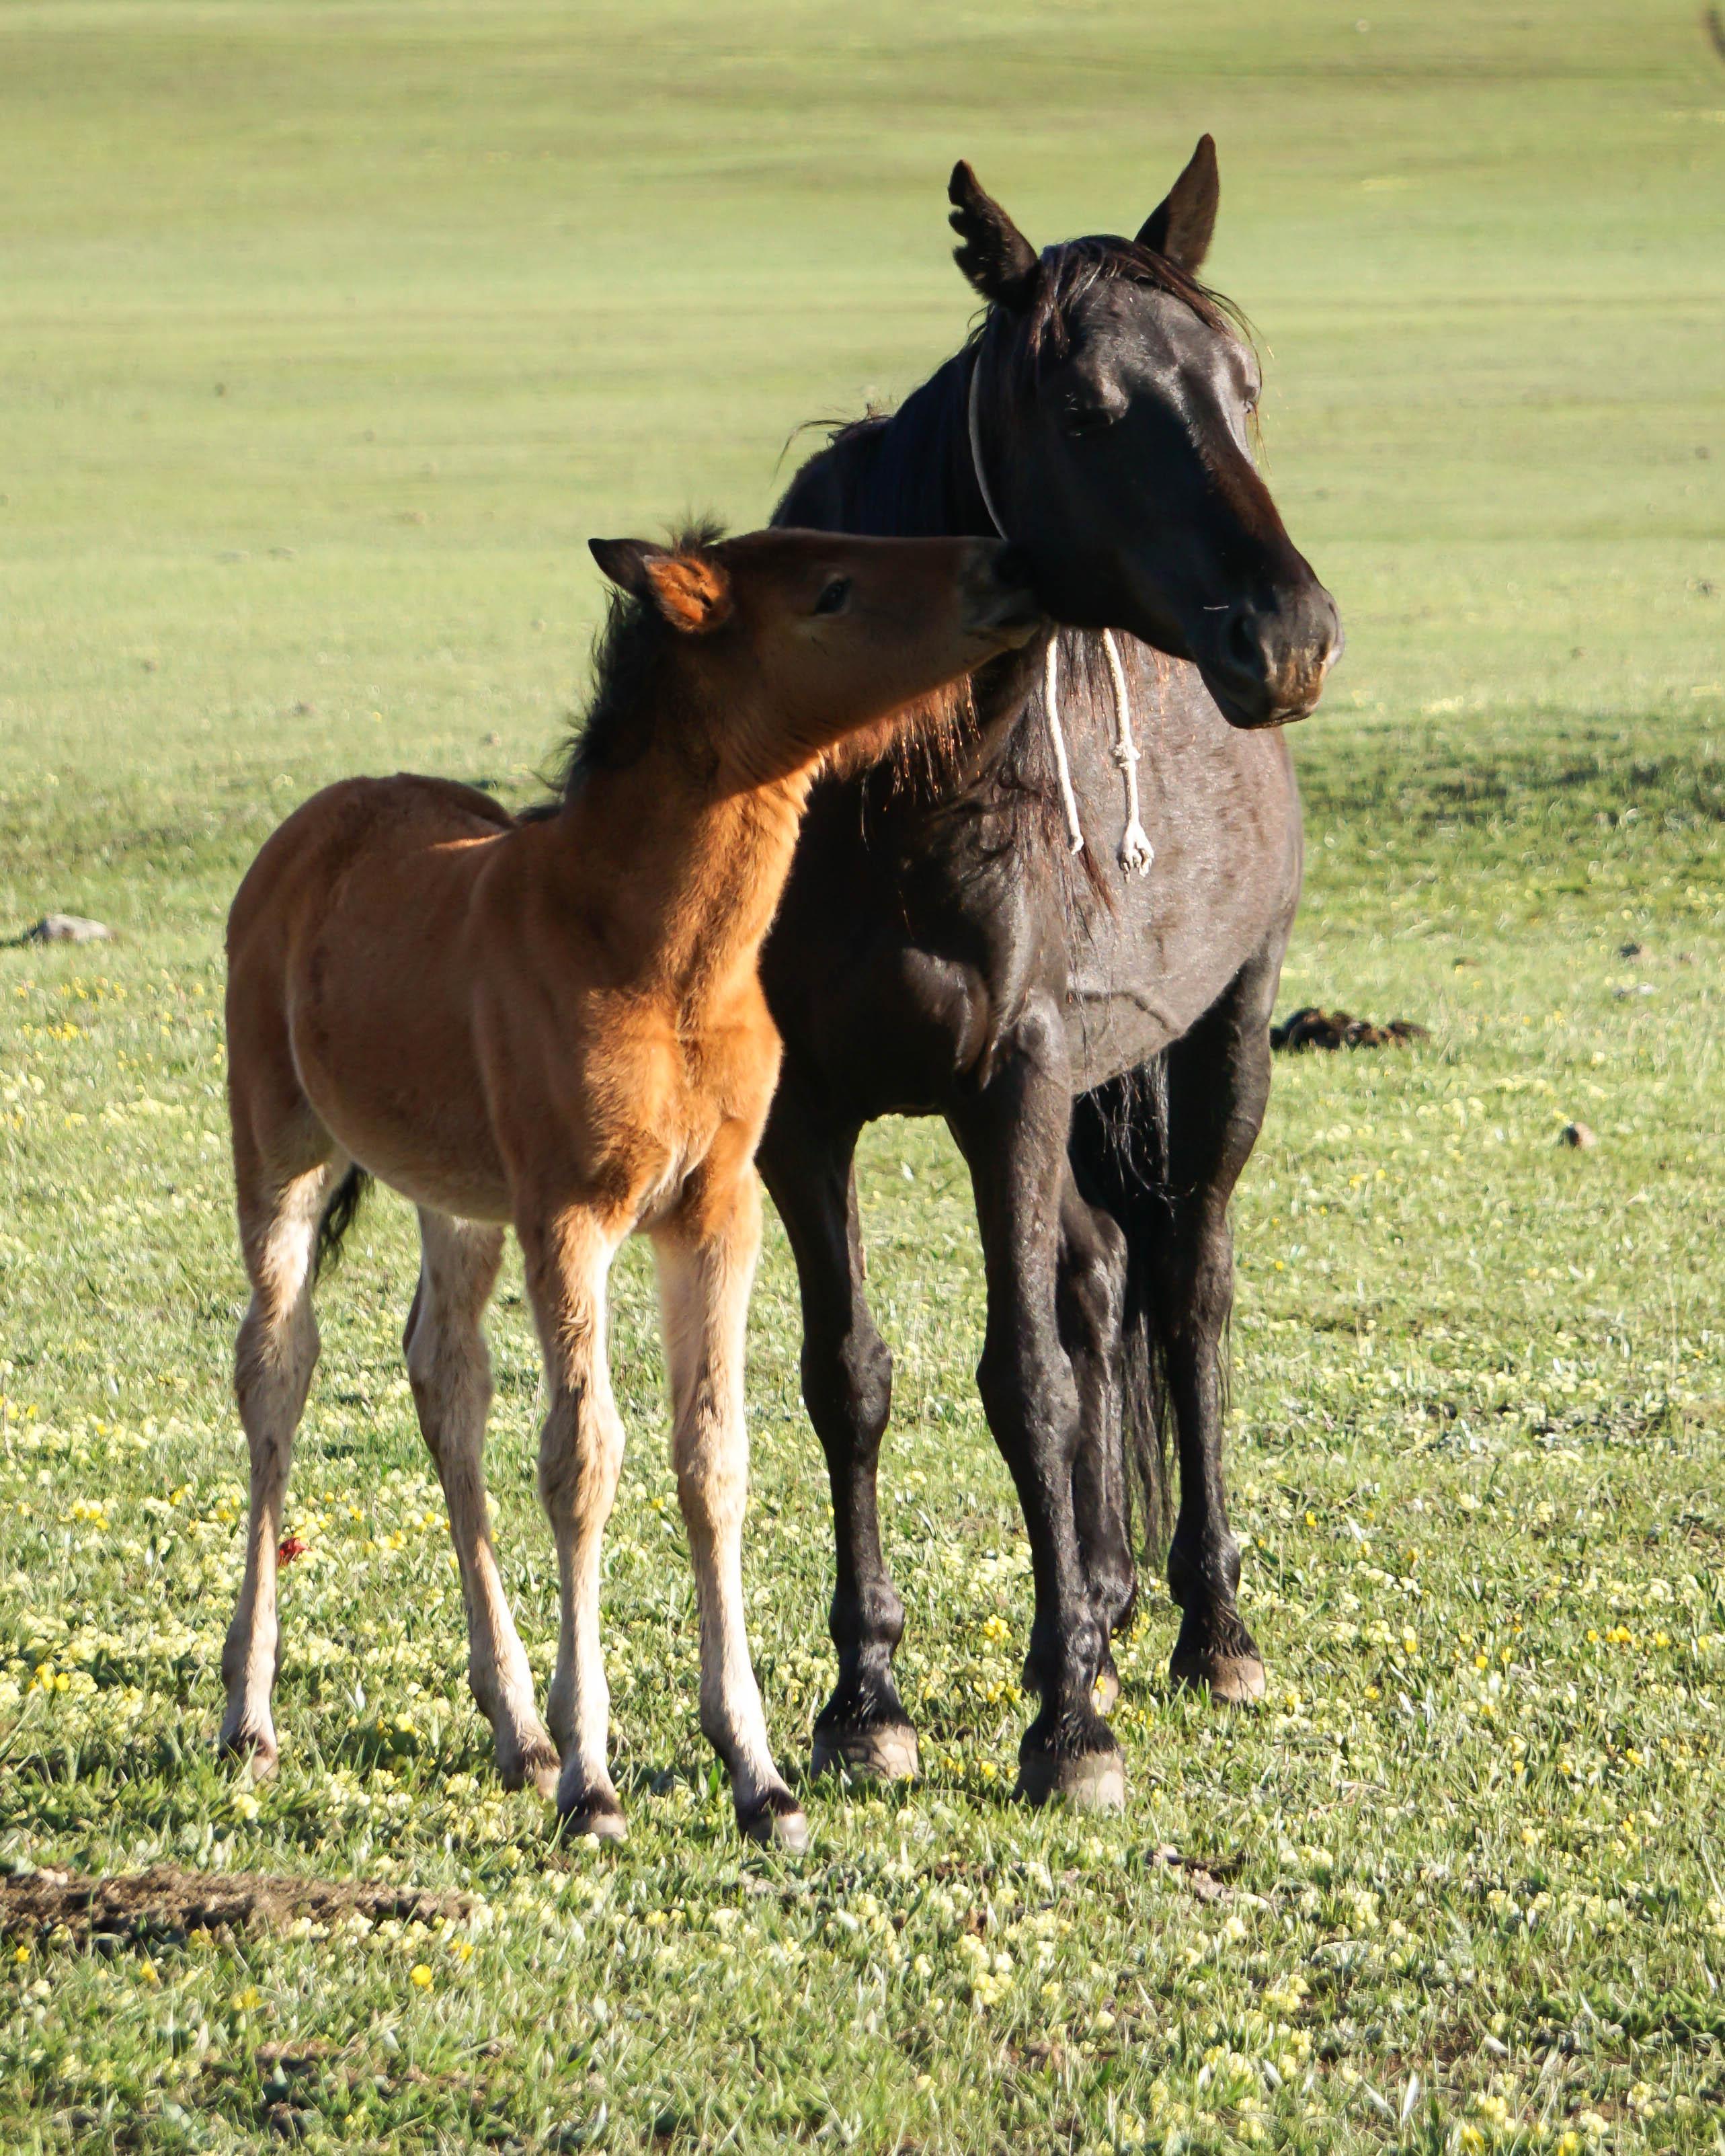 horse in Kyrgyzstan